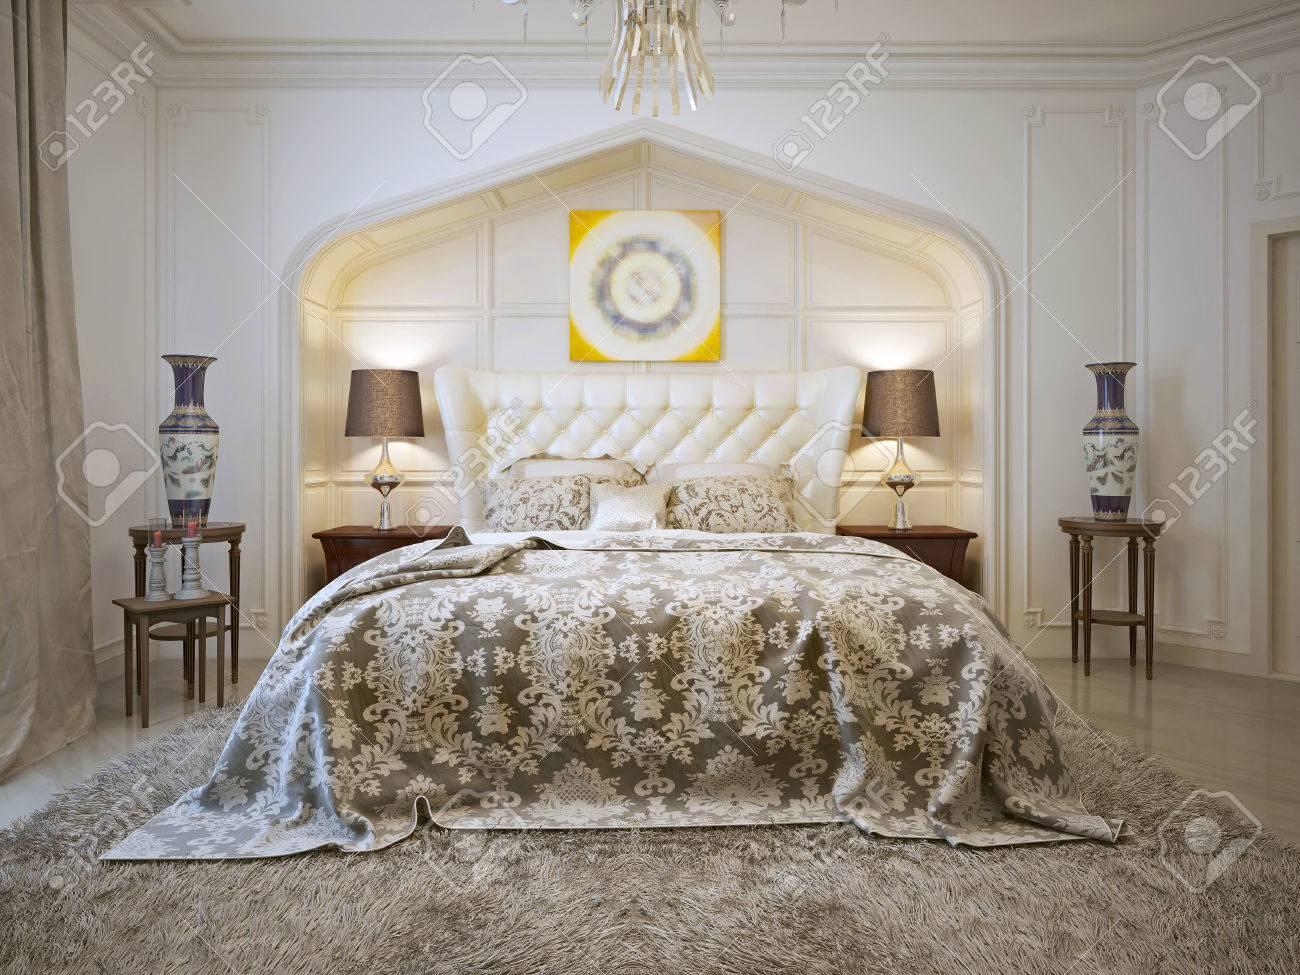 Luxuriöses Schlafzimmer Im Arabischen Stil. 3D übertragen ...